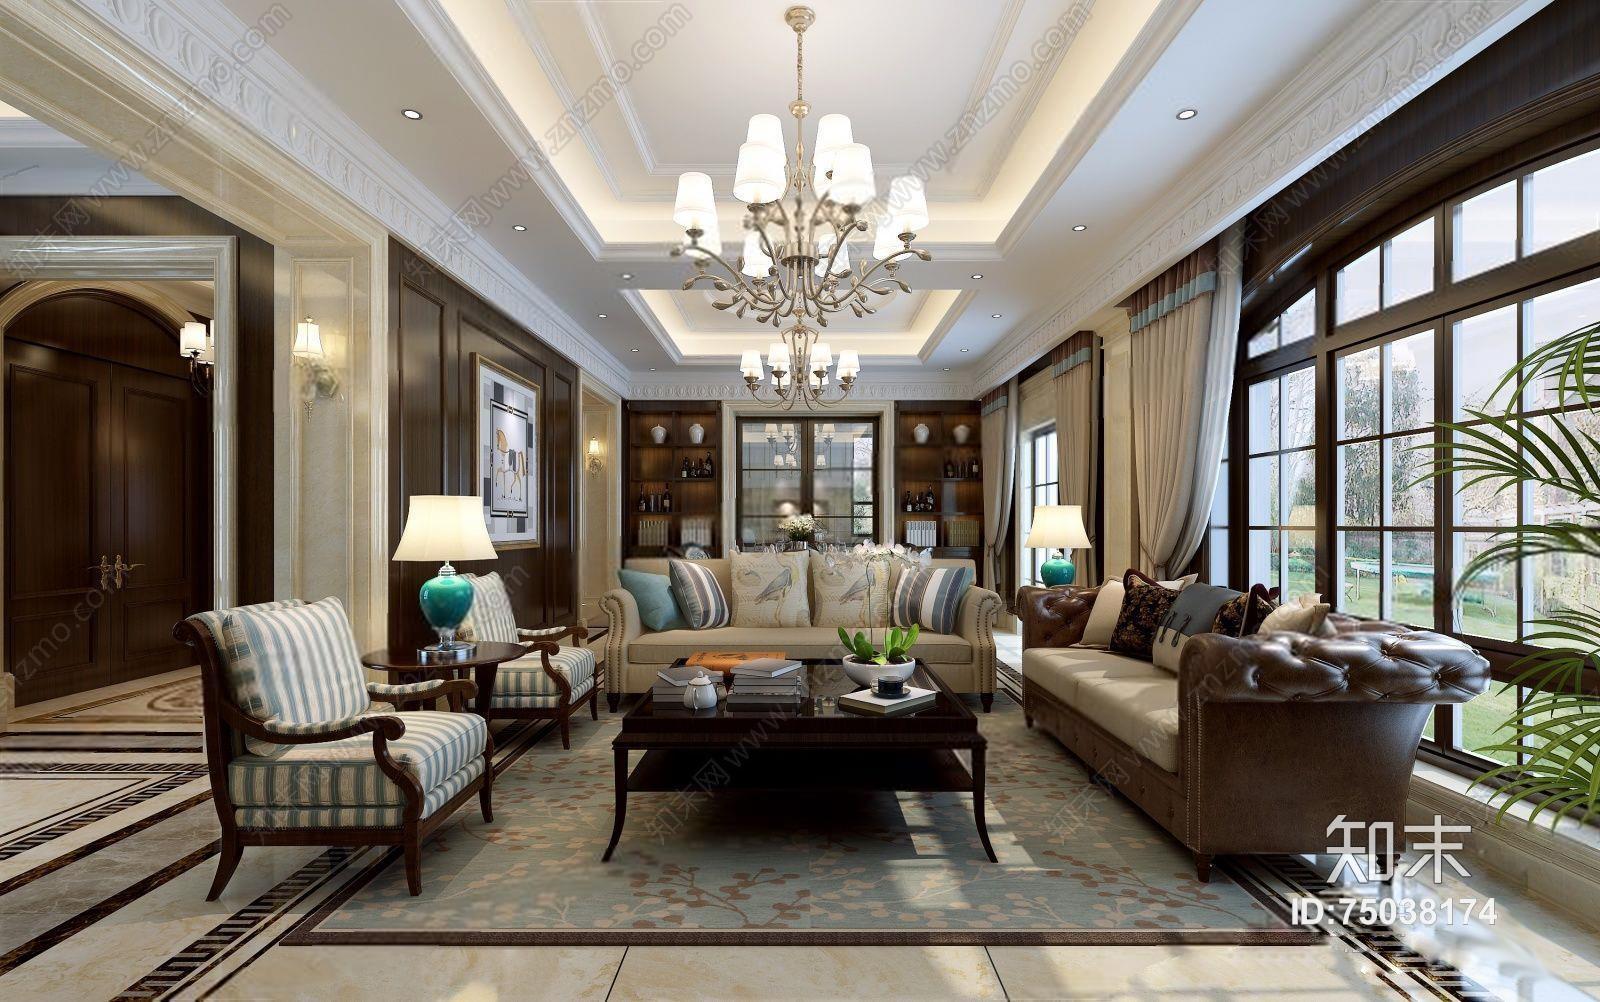 皮质沙发 布艺沙发 吊灯 茶几 台灯 单人椅 餐桌 餐椅 餐边柜图片